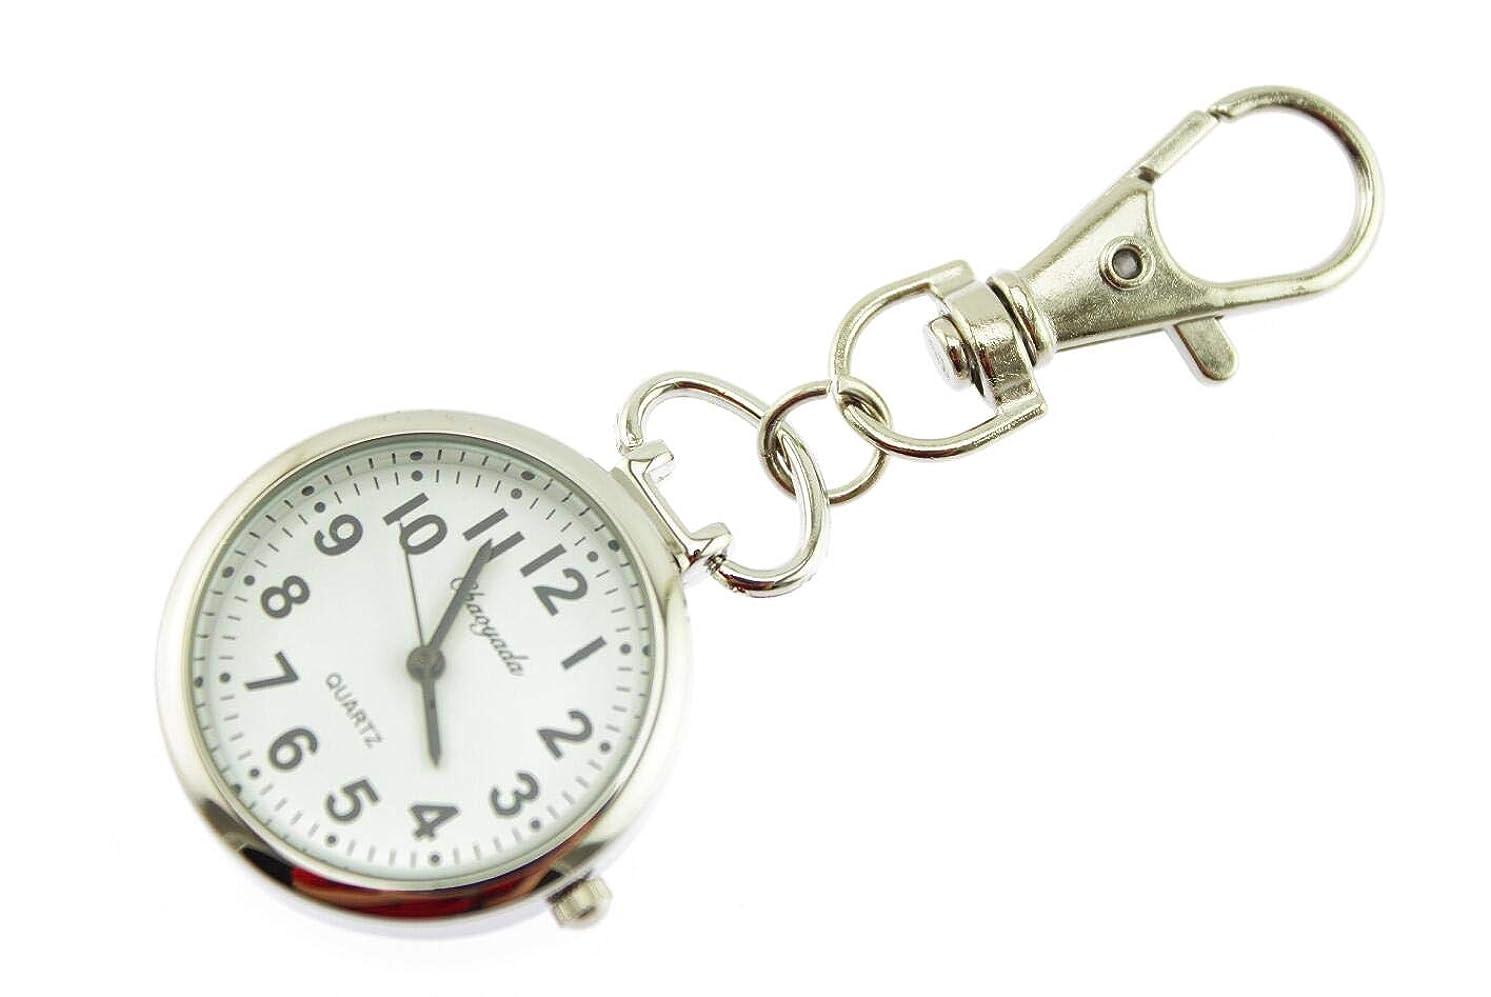 不定飲料日の出Olive-G 小さな キーホルダー ウォッチ 見やすい 針 の かわいい 時計 キーチェーン キーリング (1個)